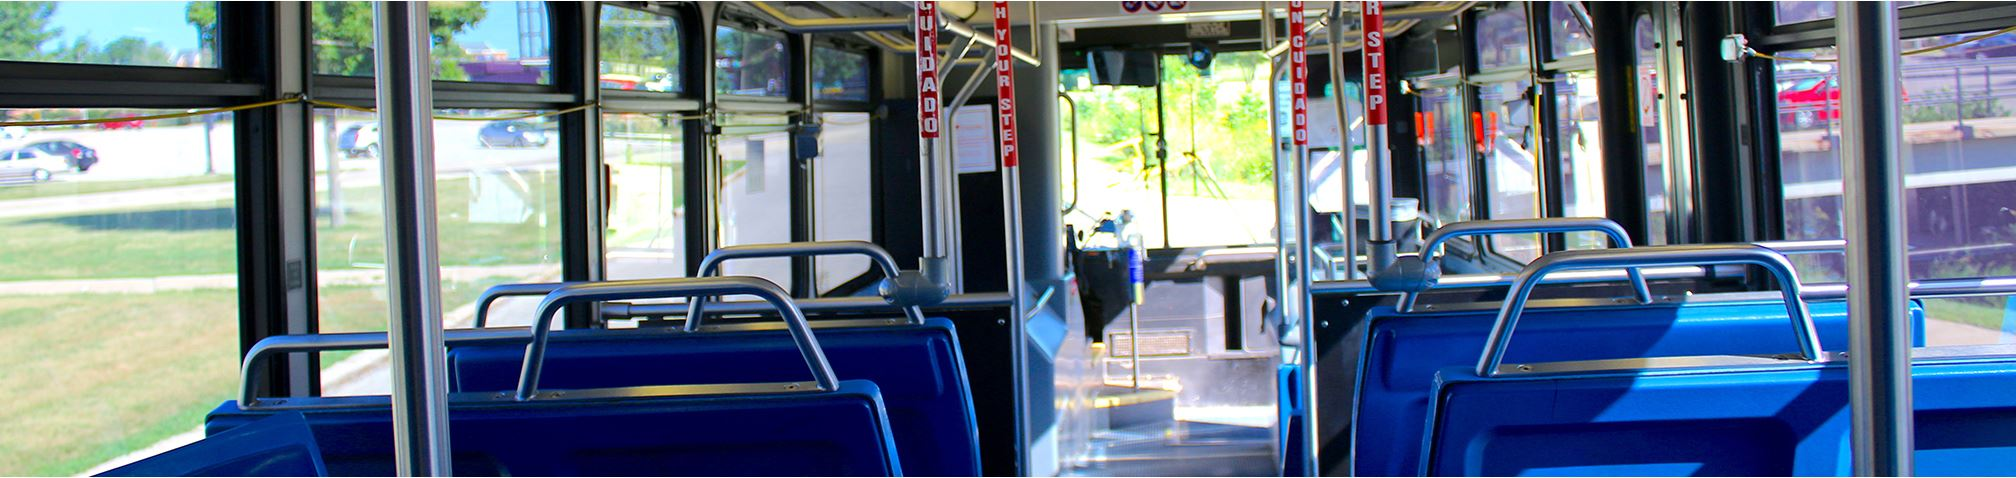 Transit Deviated Flex Routes